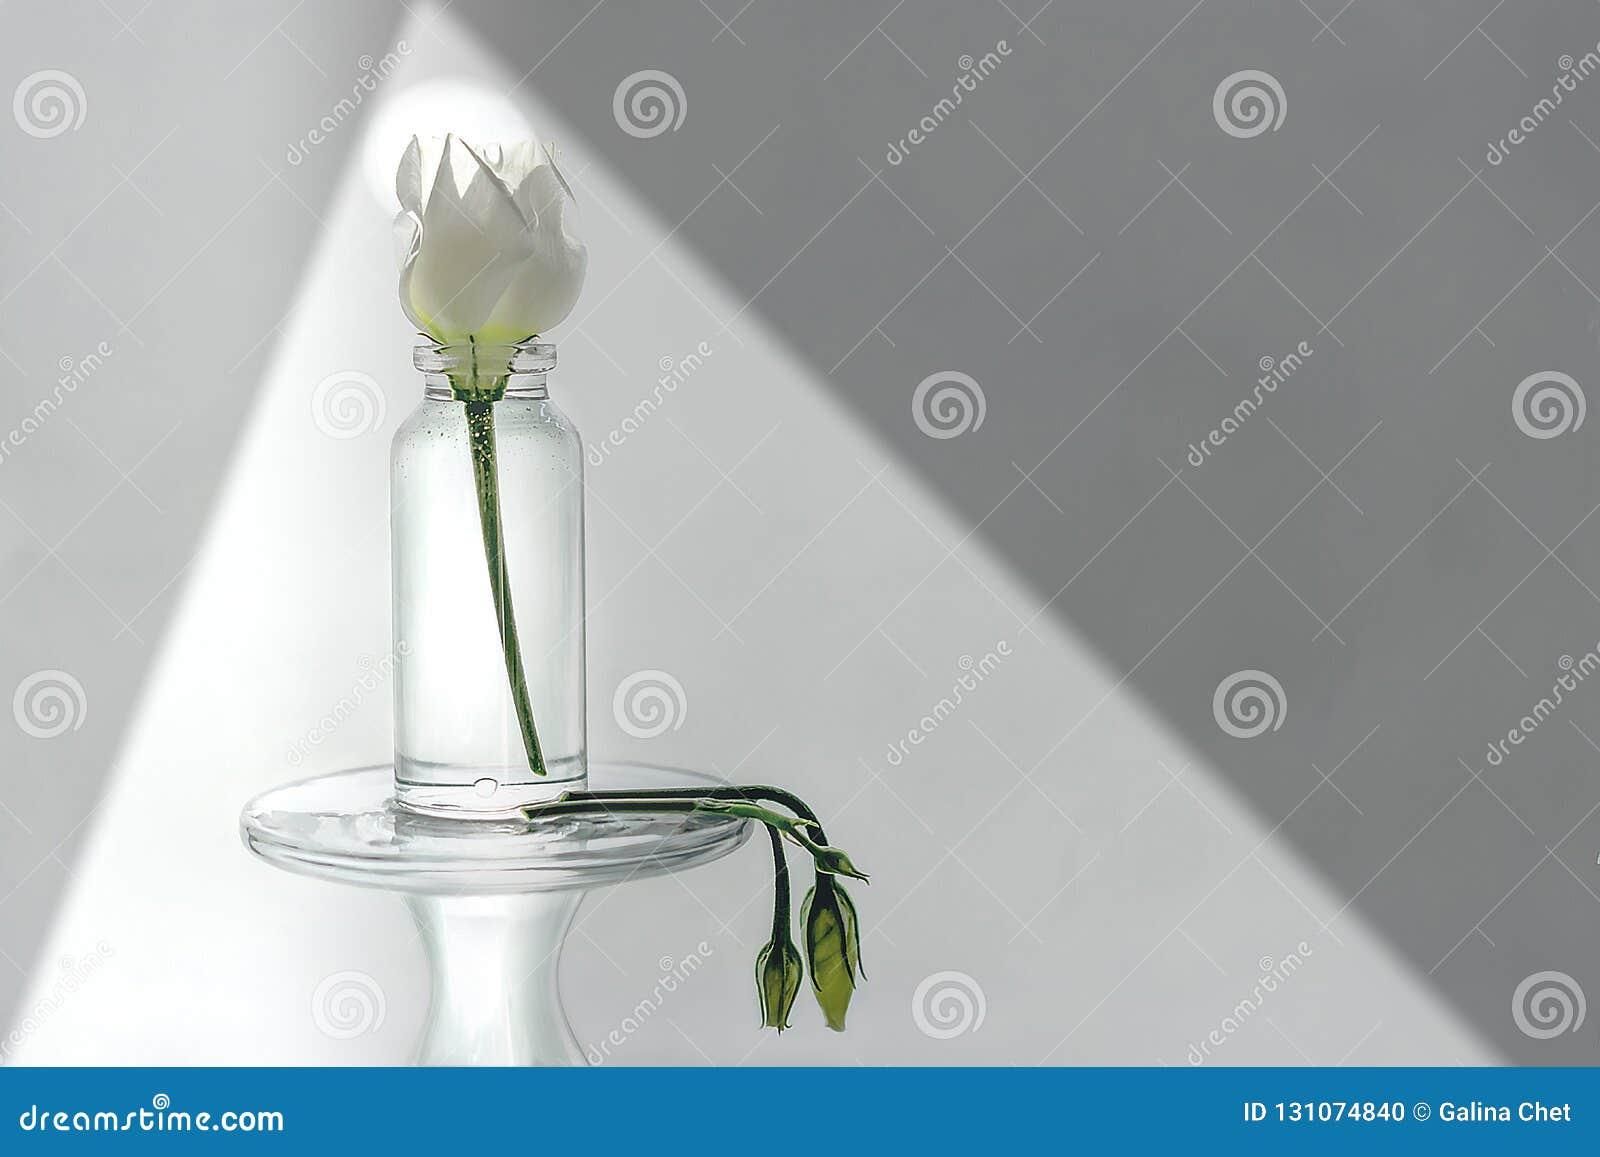 Mazzo Di Fiori Senza Acqua.I Fiori Senza Acqua E Luce Non Hanno Vita Su Terra Fotografia